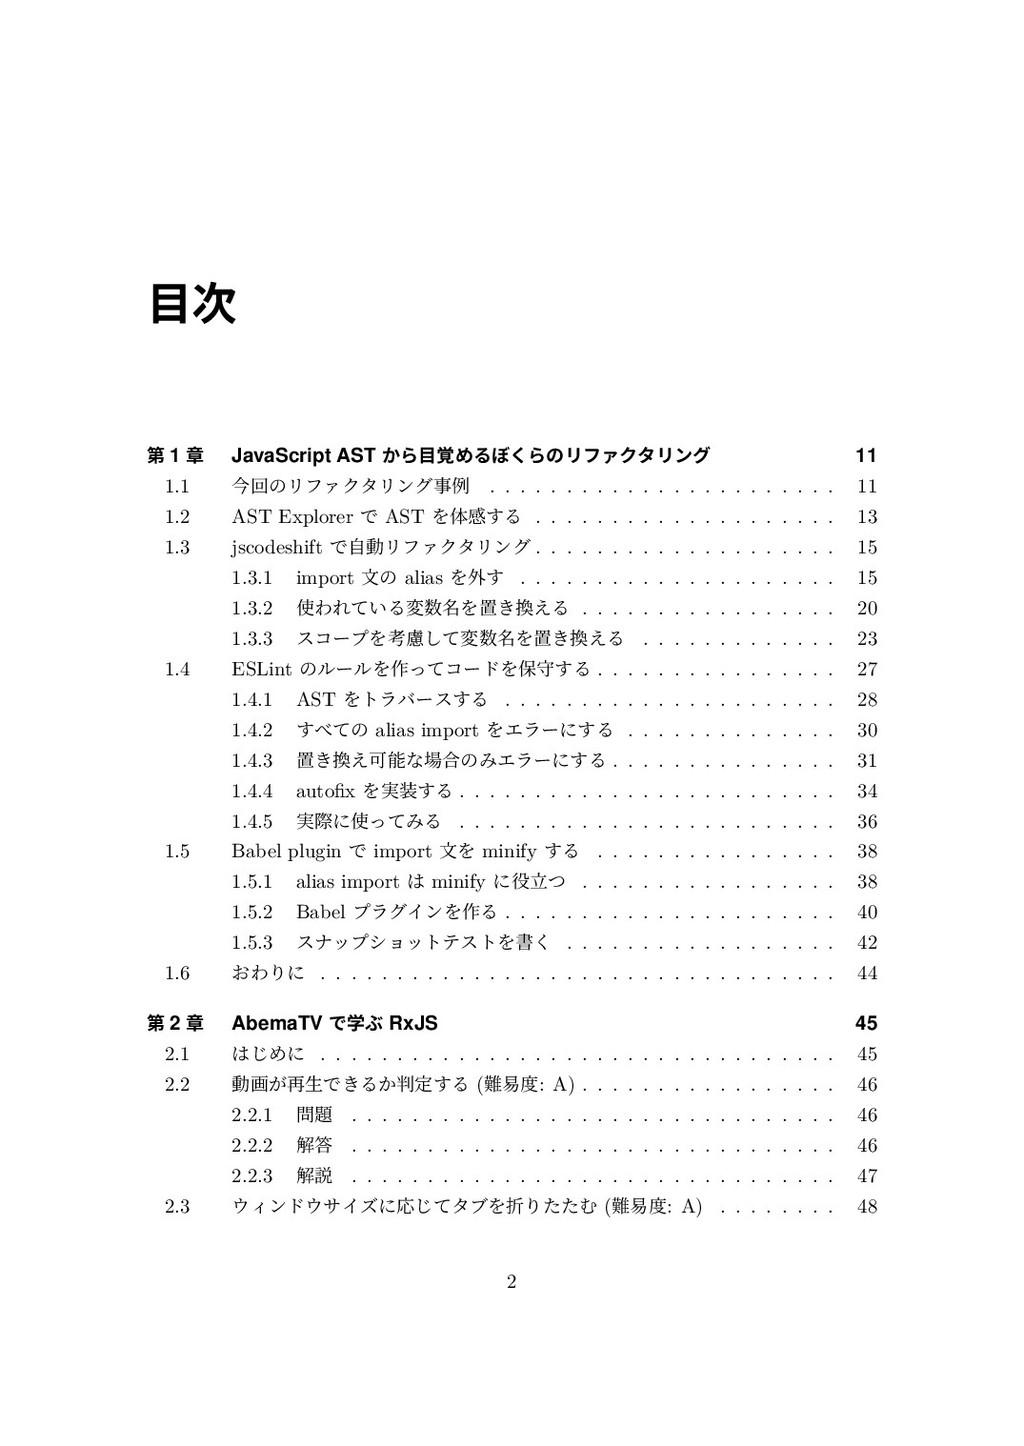 泘域 瑬 1 珕 JavaScript AST ־泘釶״ׯׂסٛنؒؠذٛ٤ء 11 1...